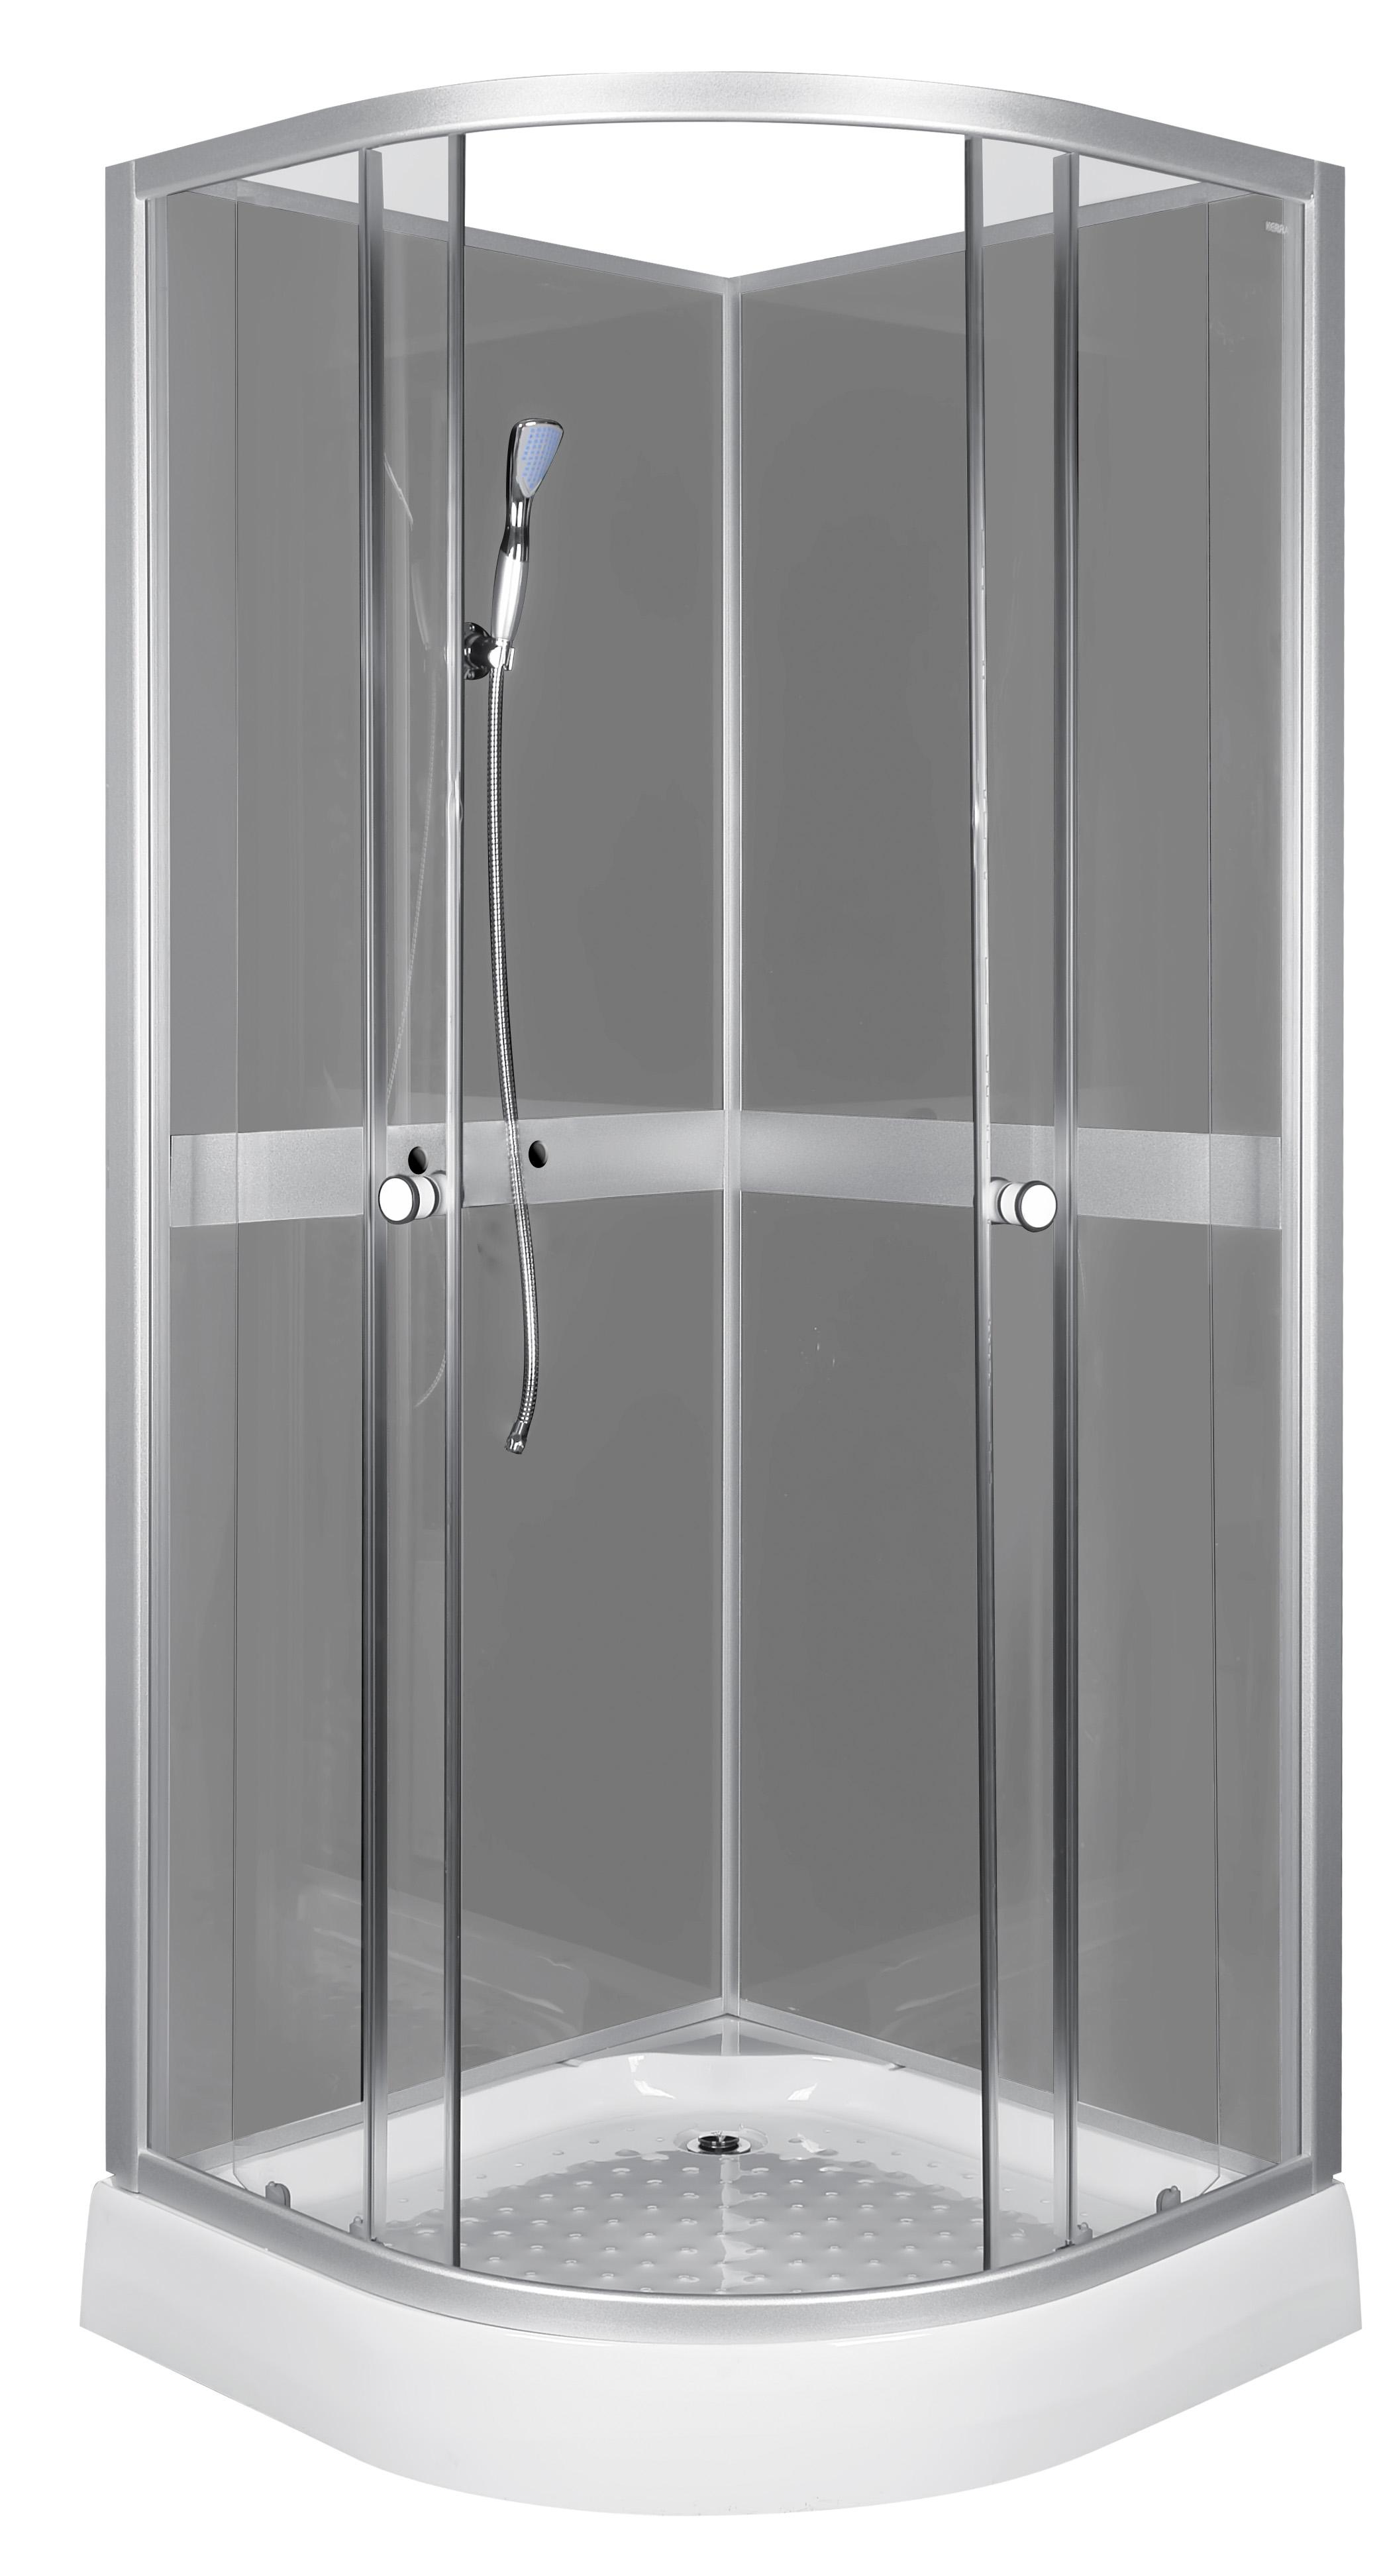 duschkabine fertigdusche dusche 80x80 duschtempel duschwand duschtasse classic ebay. Black Bedroom Furniture Sets. Home Design Ideas